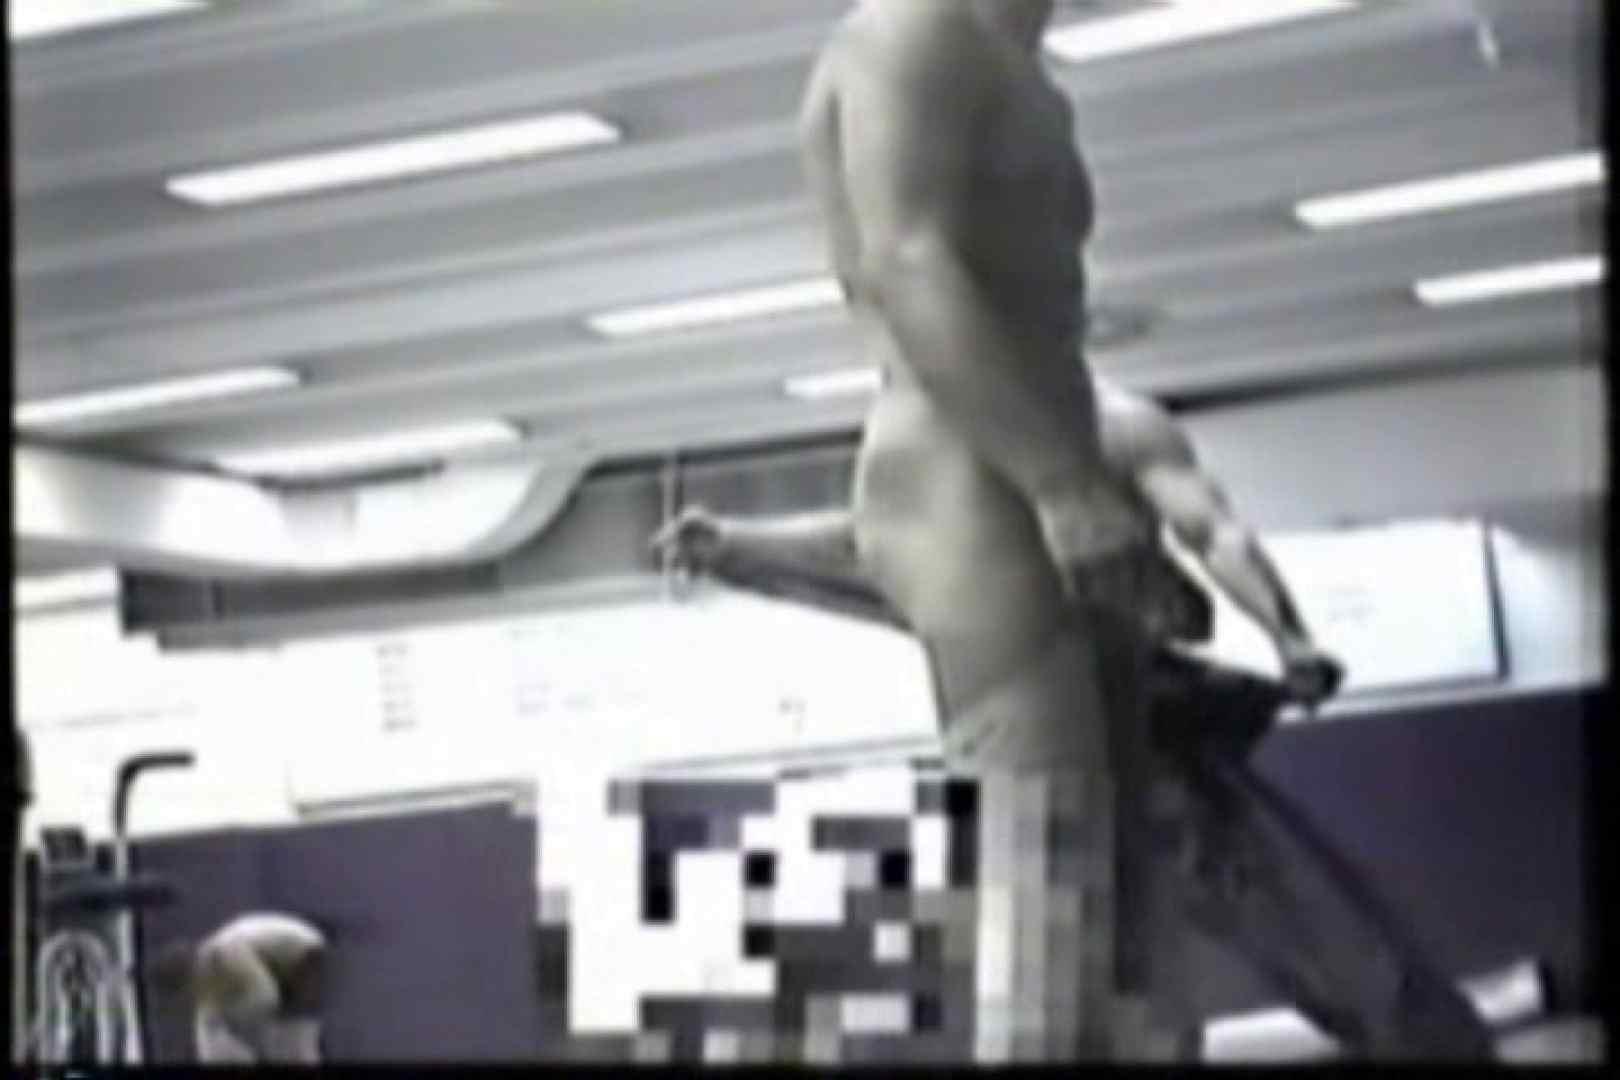 洋人さんの脱衣所を覗いてみました。VOL.6 肉にく男子 ゲイエロ動画 102枚 47